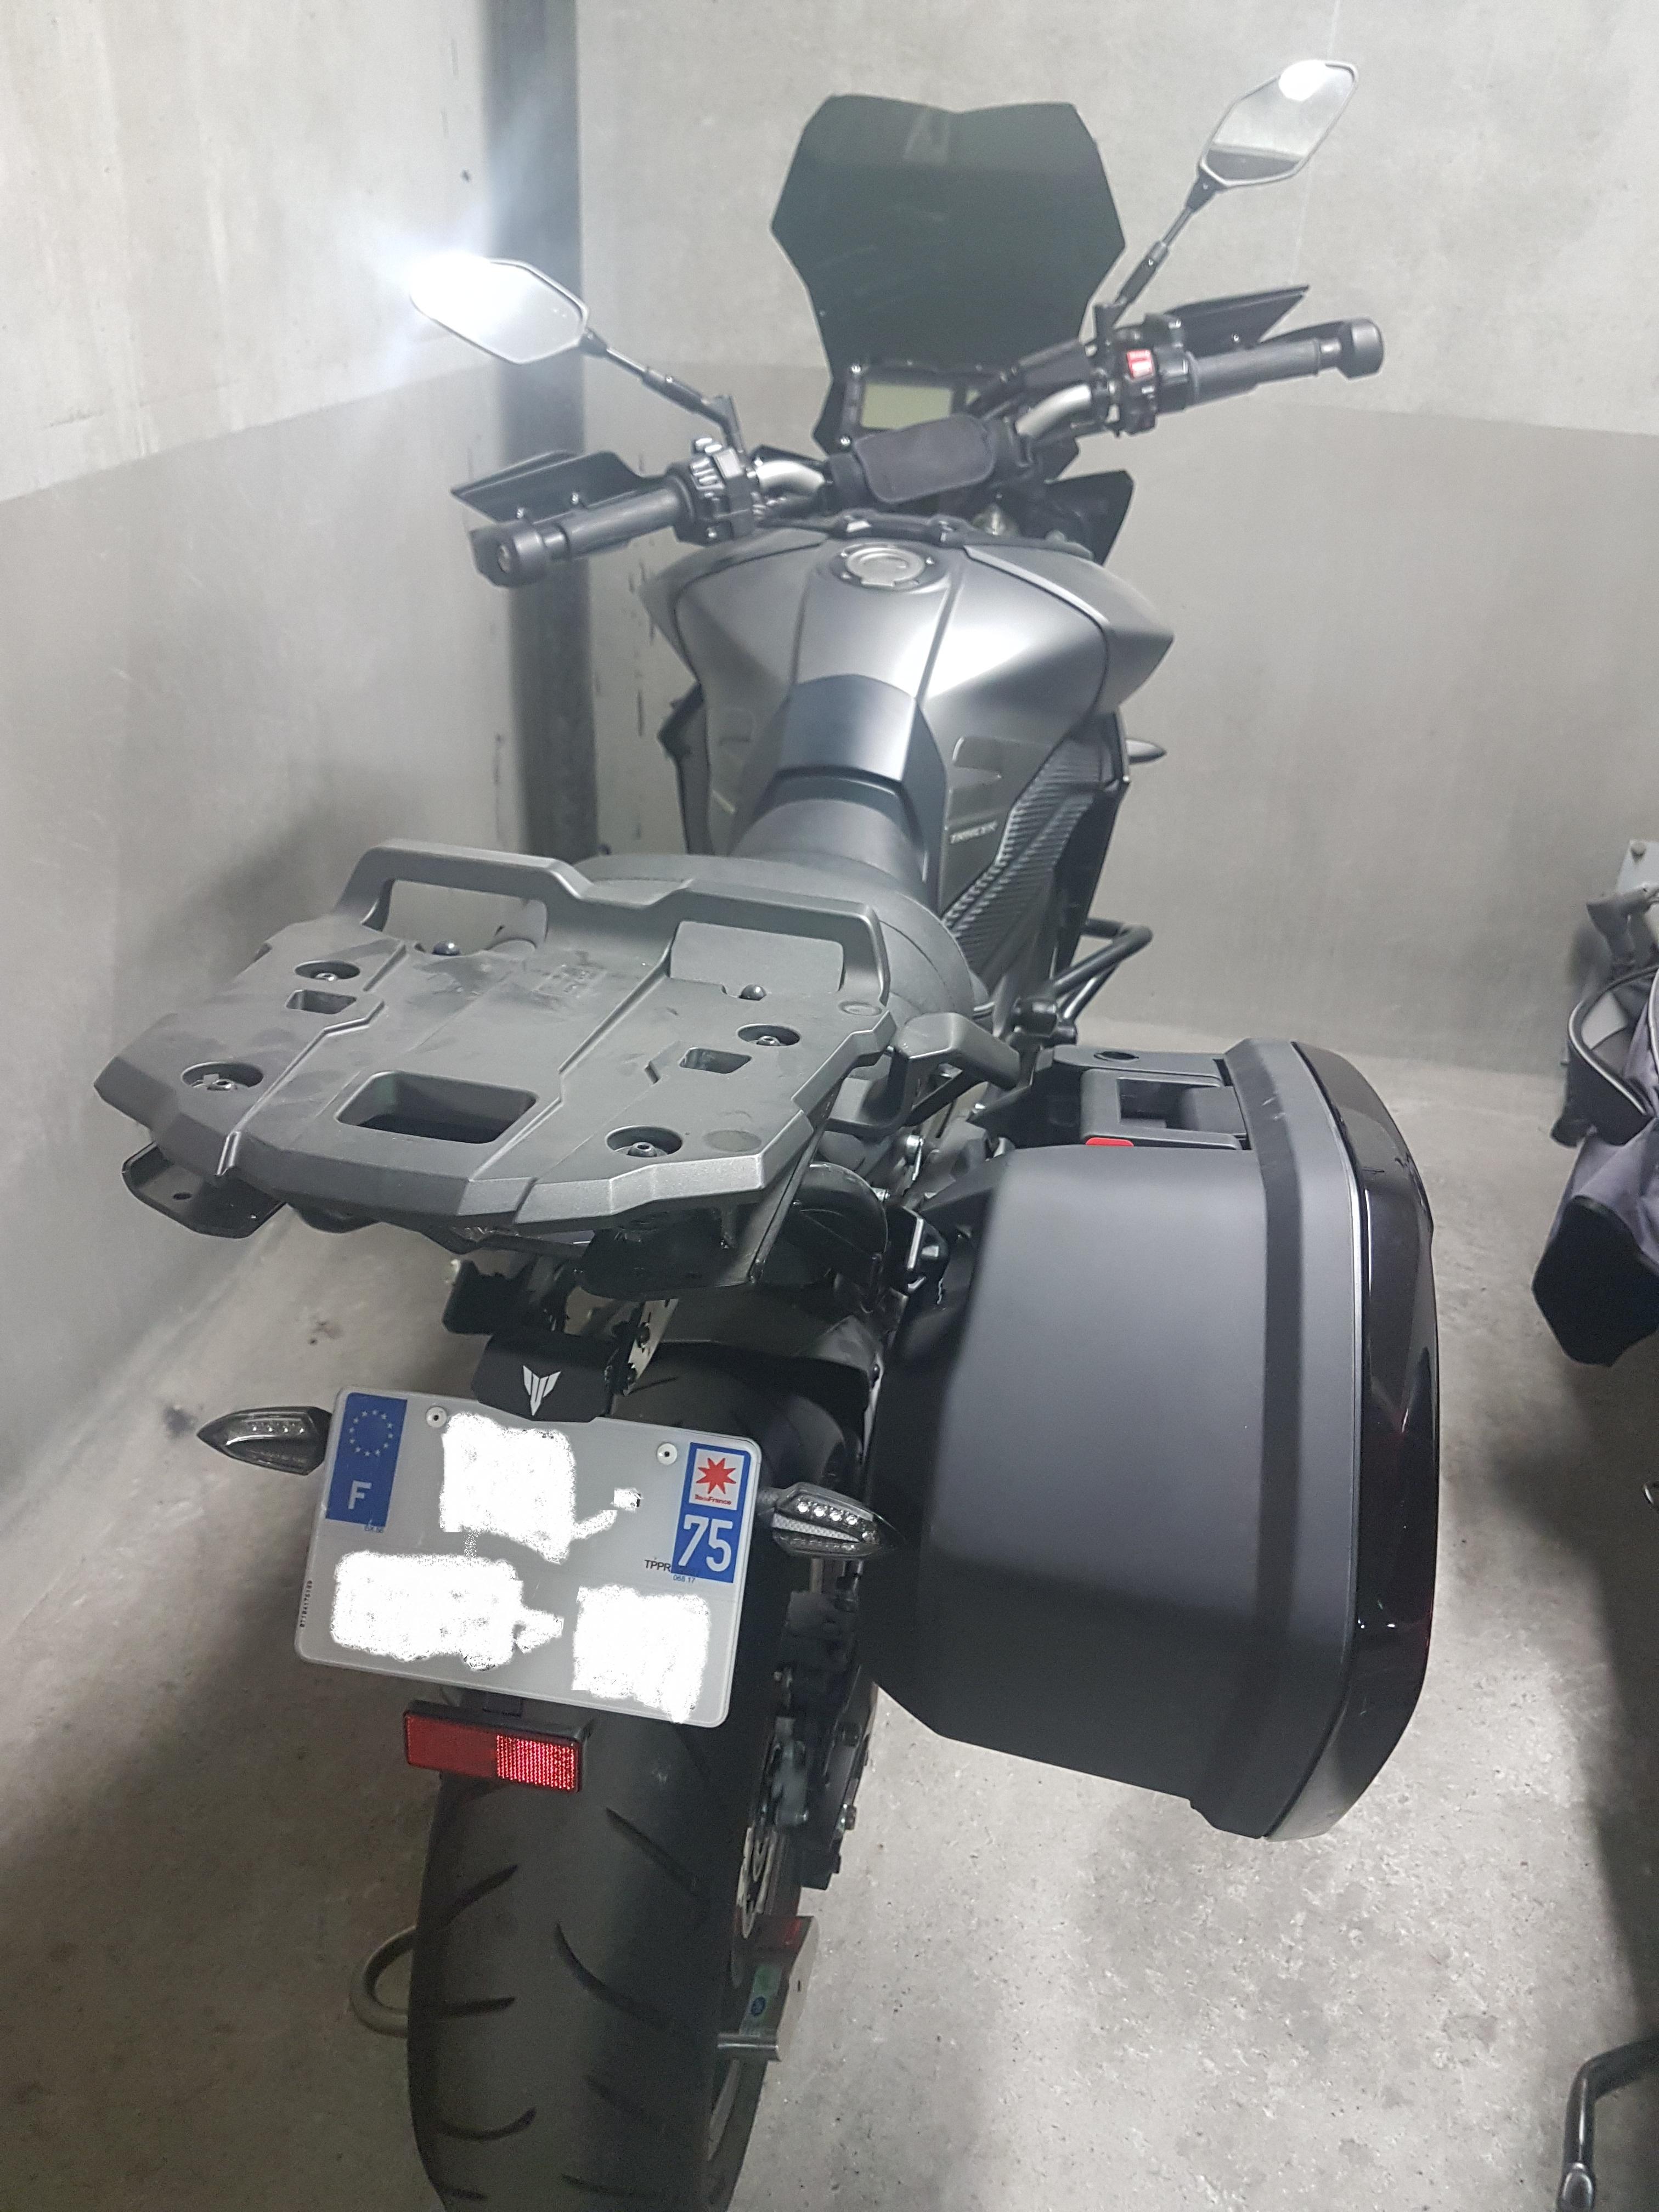 Valise City ou FJR avec Support Top case Yamaha + support de valise problème ! 190101061544749492